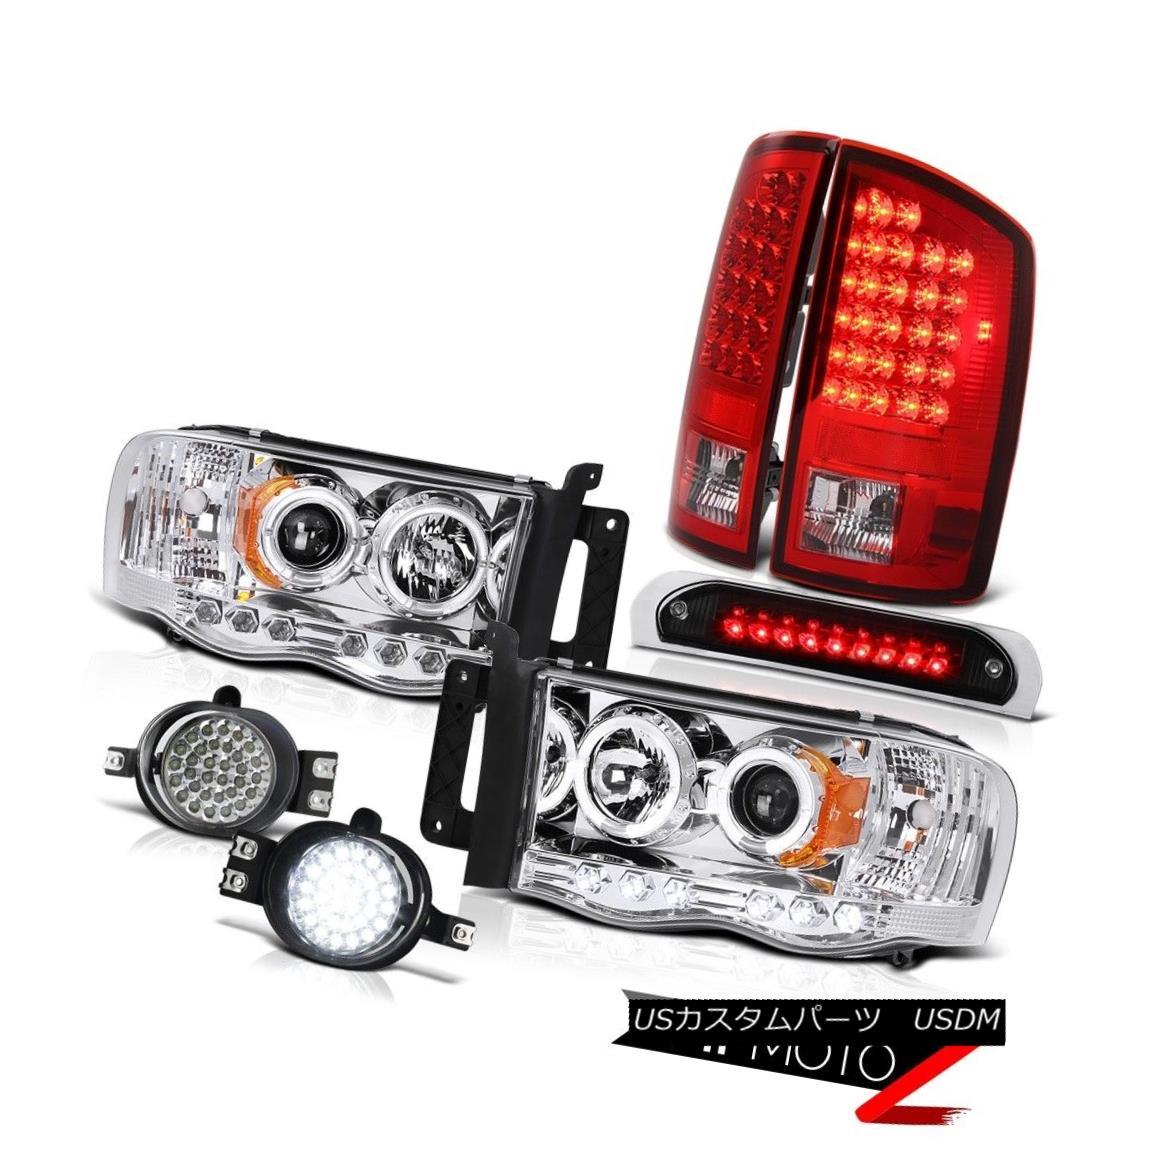 ヘッドライト 02 03 04 05 Dodge Ram Chrome Halo Headlights LED Brake Taillights Foglights High 02 03 04 05ダッジ・ラム・クローム・ハロー・ヘッドライトLEDブレーキ・テールライト・フォグライト・ハイ